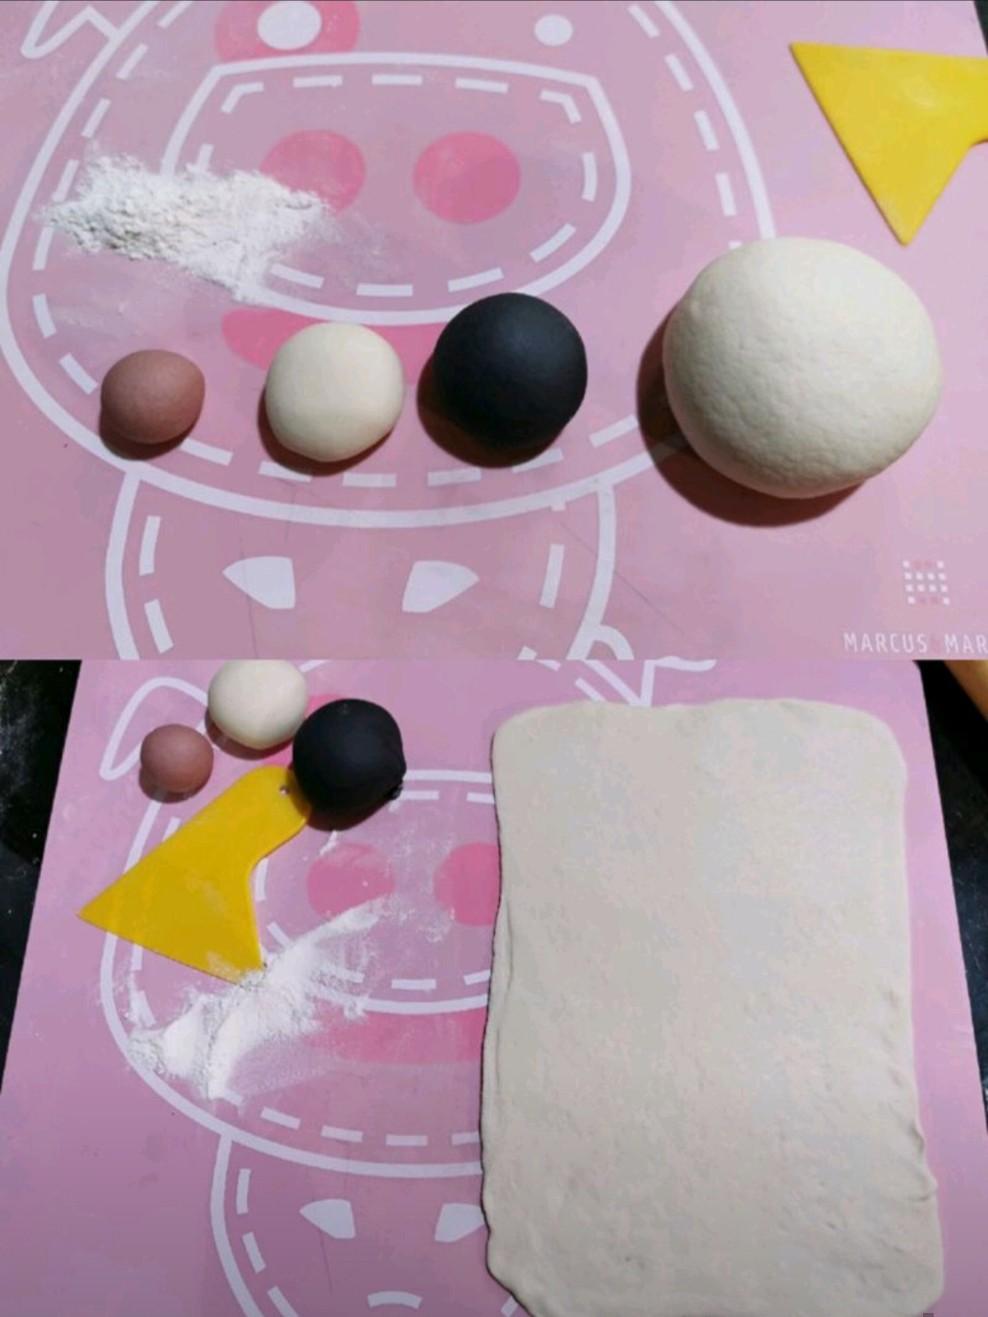 取出面团排气,分割一个5克面团加入竹炭粉调成黑色,一个5克面团加入红曲粉调成红色,留5克白色面团备用,剩下的擀成长方形